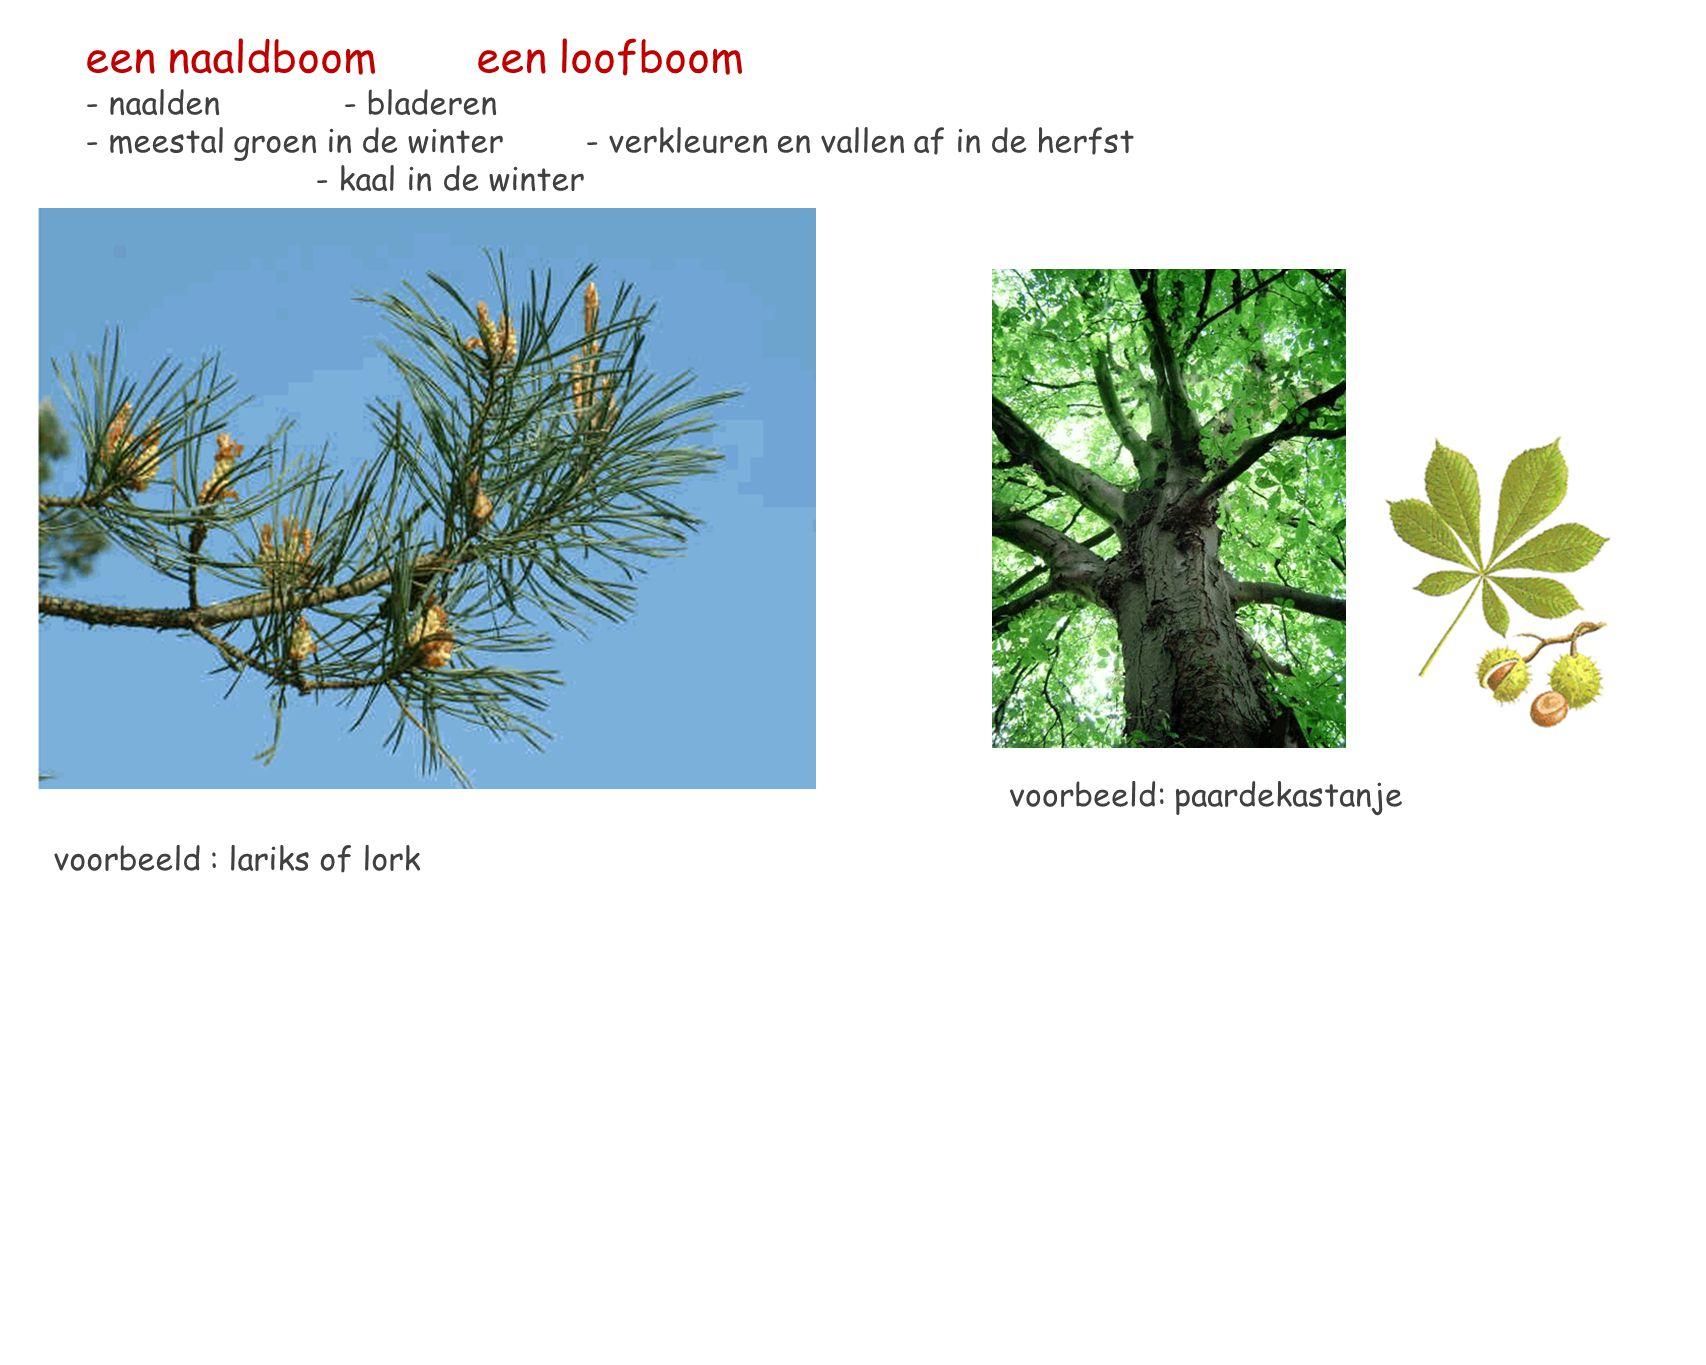 een naaldboom een loofboom